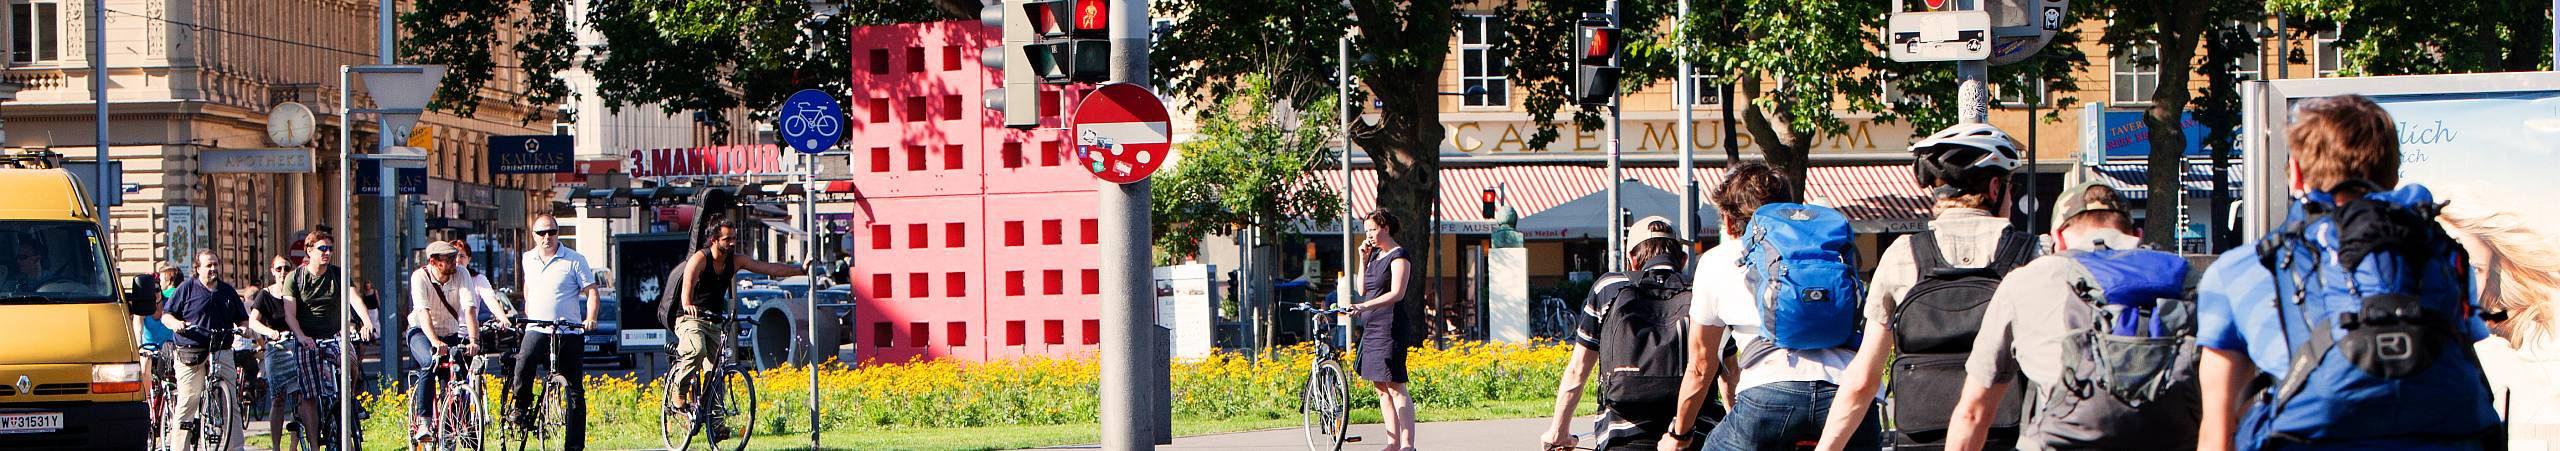 Dutzende Radler warten am Karlsplatz-Radweg auf die Grünphase.